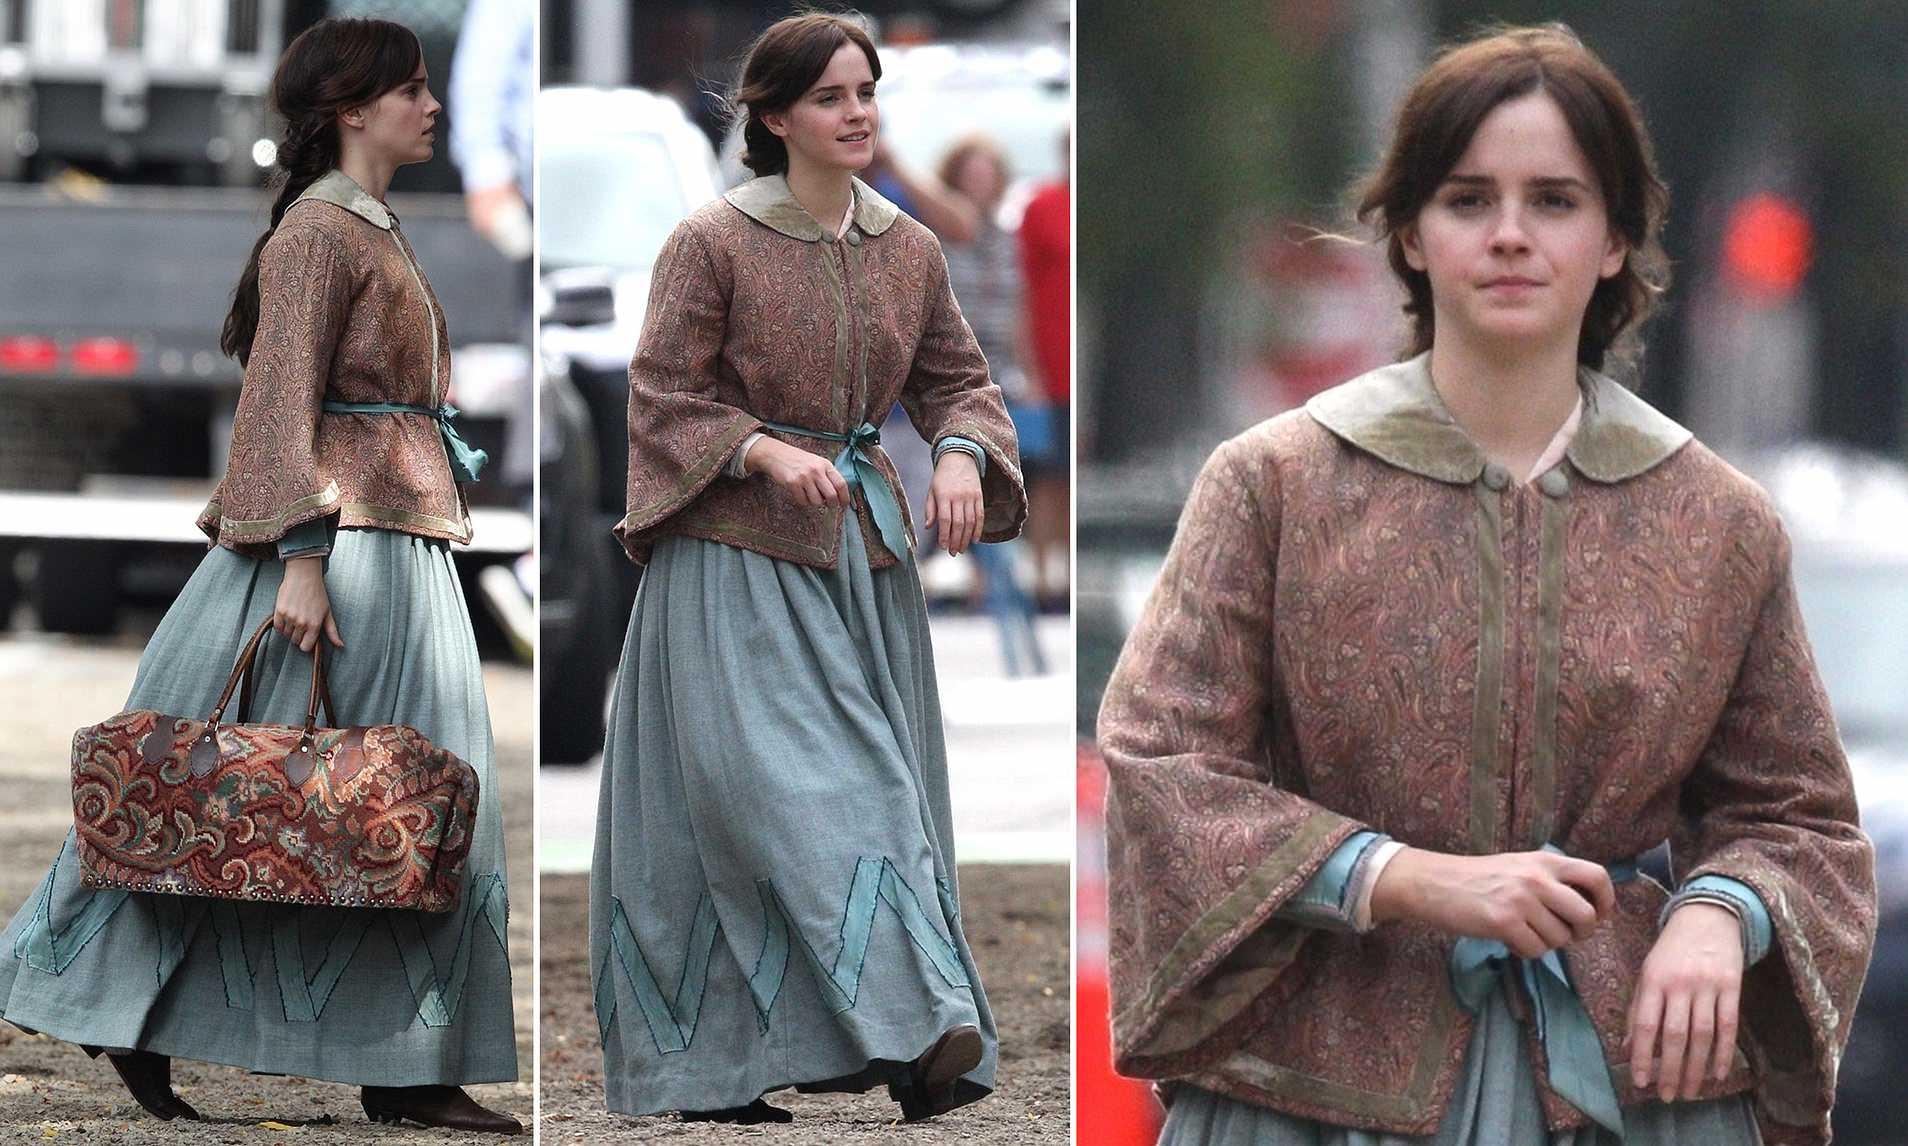 Meg phong cách thời trang cottagecore little women